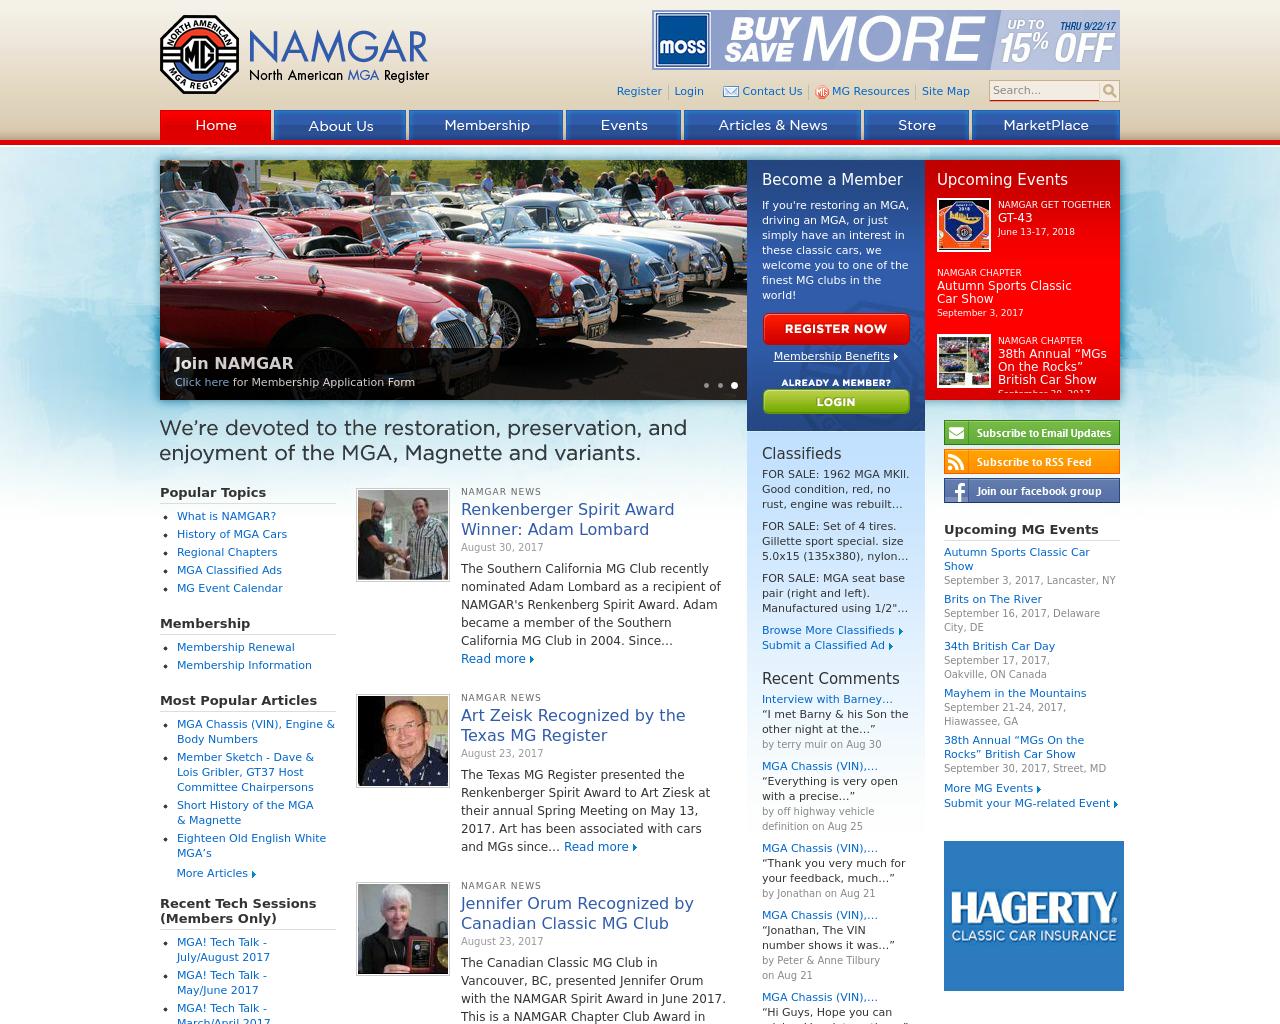 NAMGAR-Advertising-Reviews-Pricing